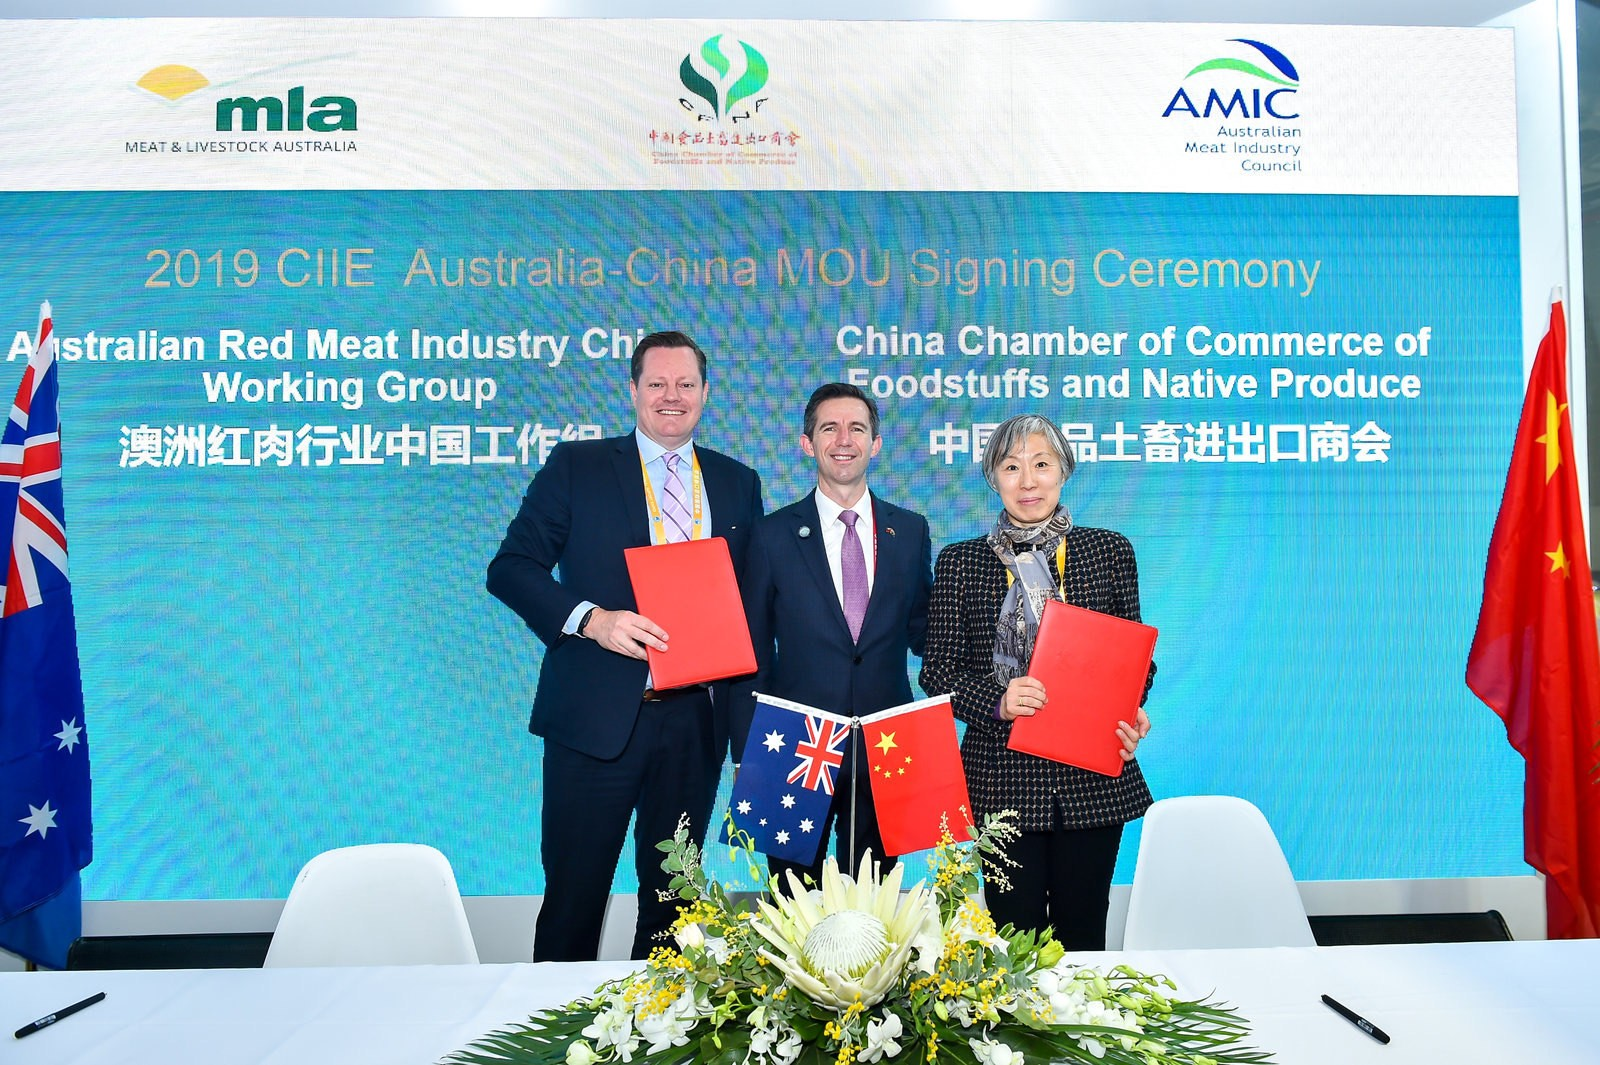 进一步加强合作,中澳红肉行业工作组进博会期间再签新约